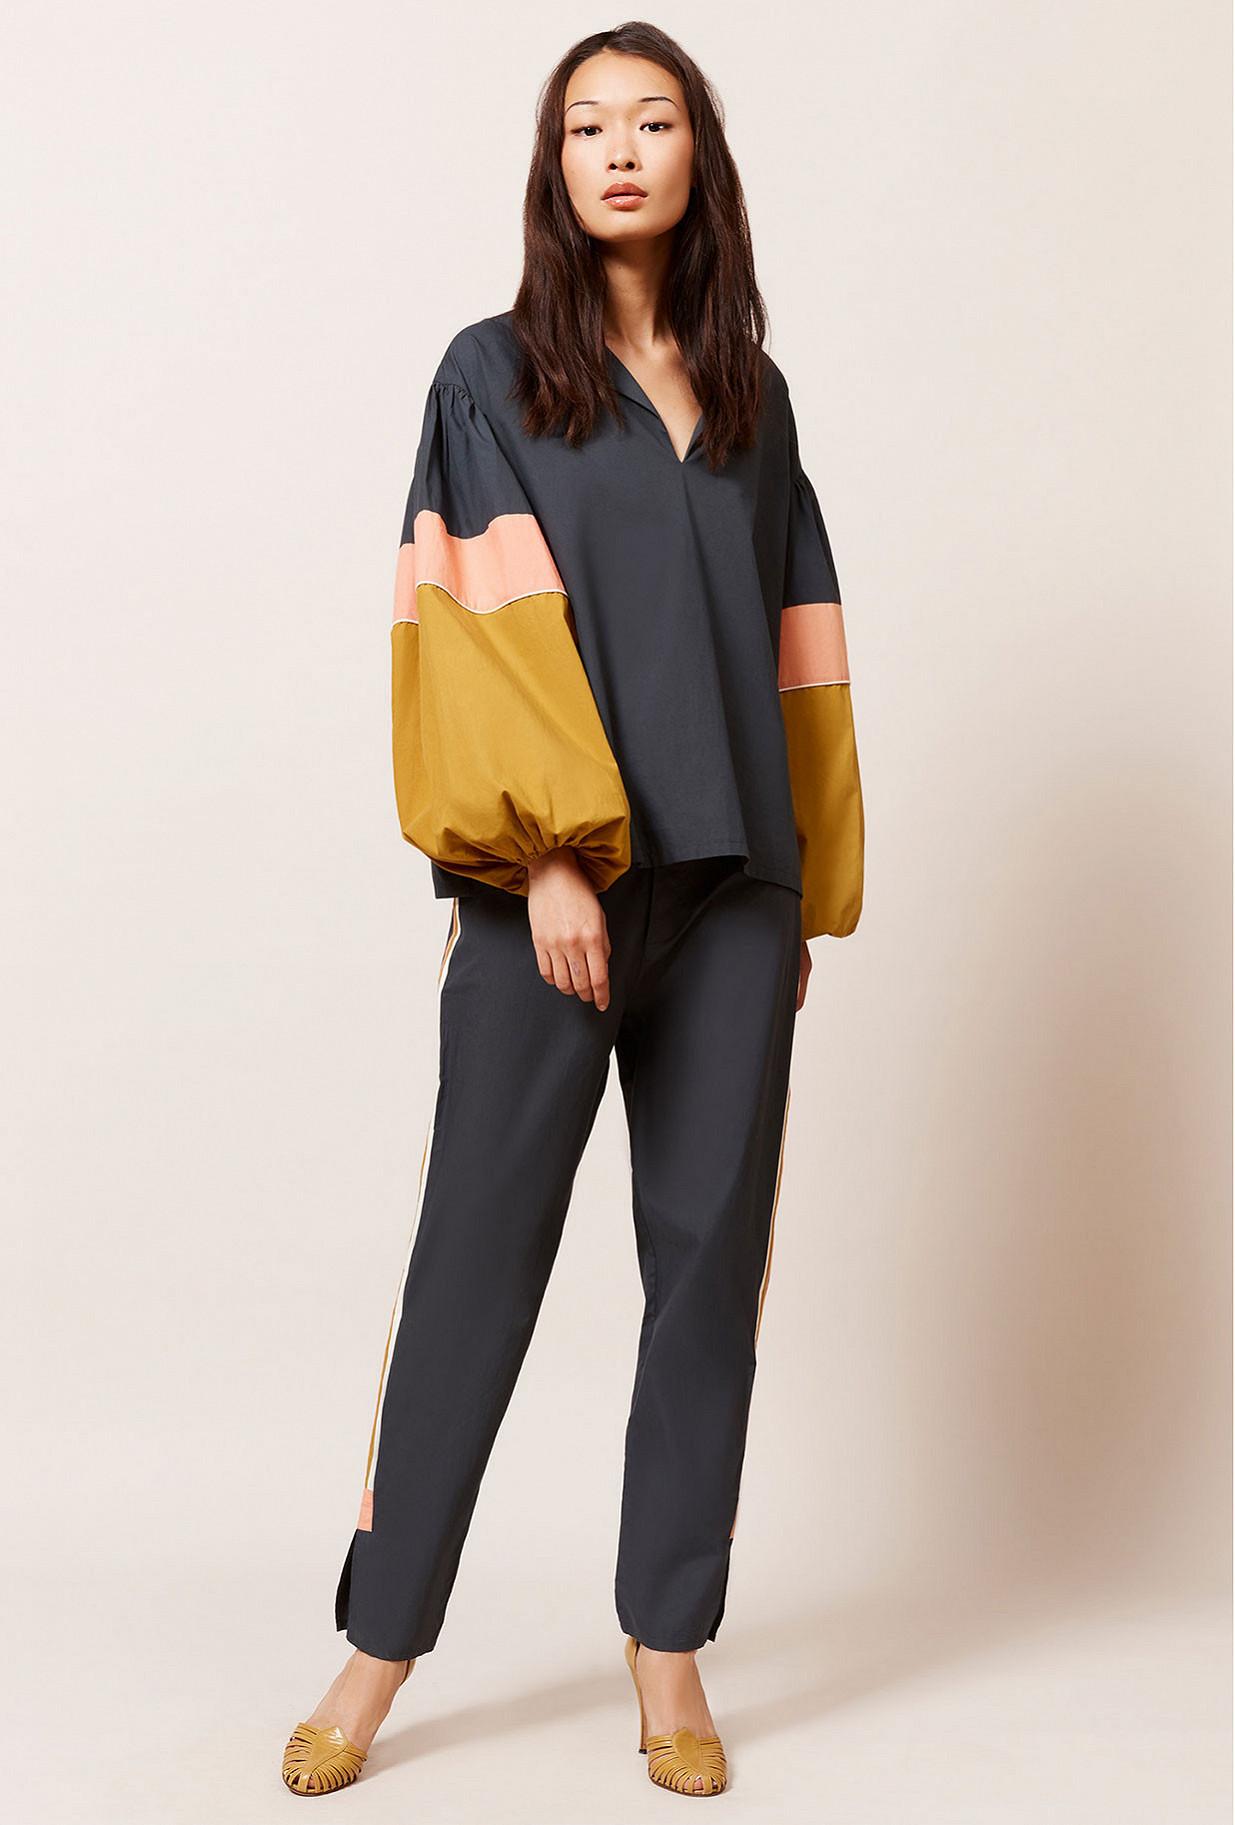 Paris clothes store Blouse  Priam french designer fashion Paris